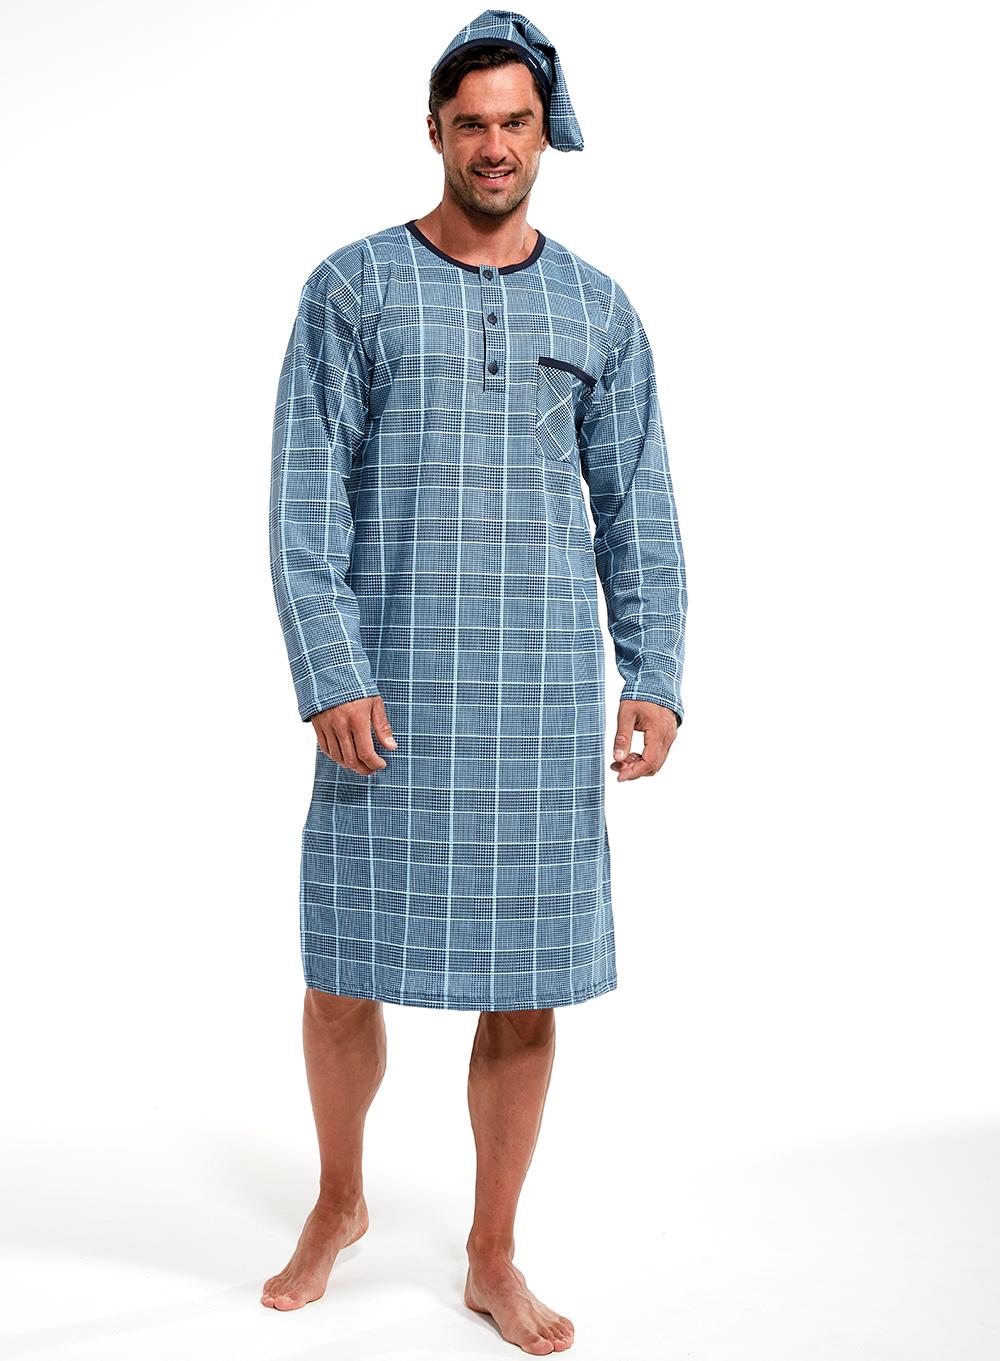 Koszula nocna męska Cornette 110640802 niebieska MissiSleepy.pl  XIoq0